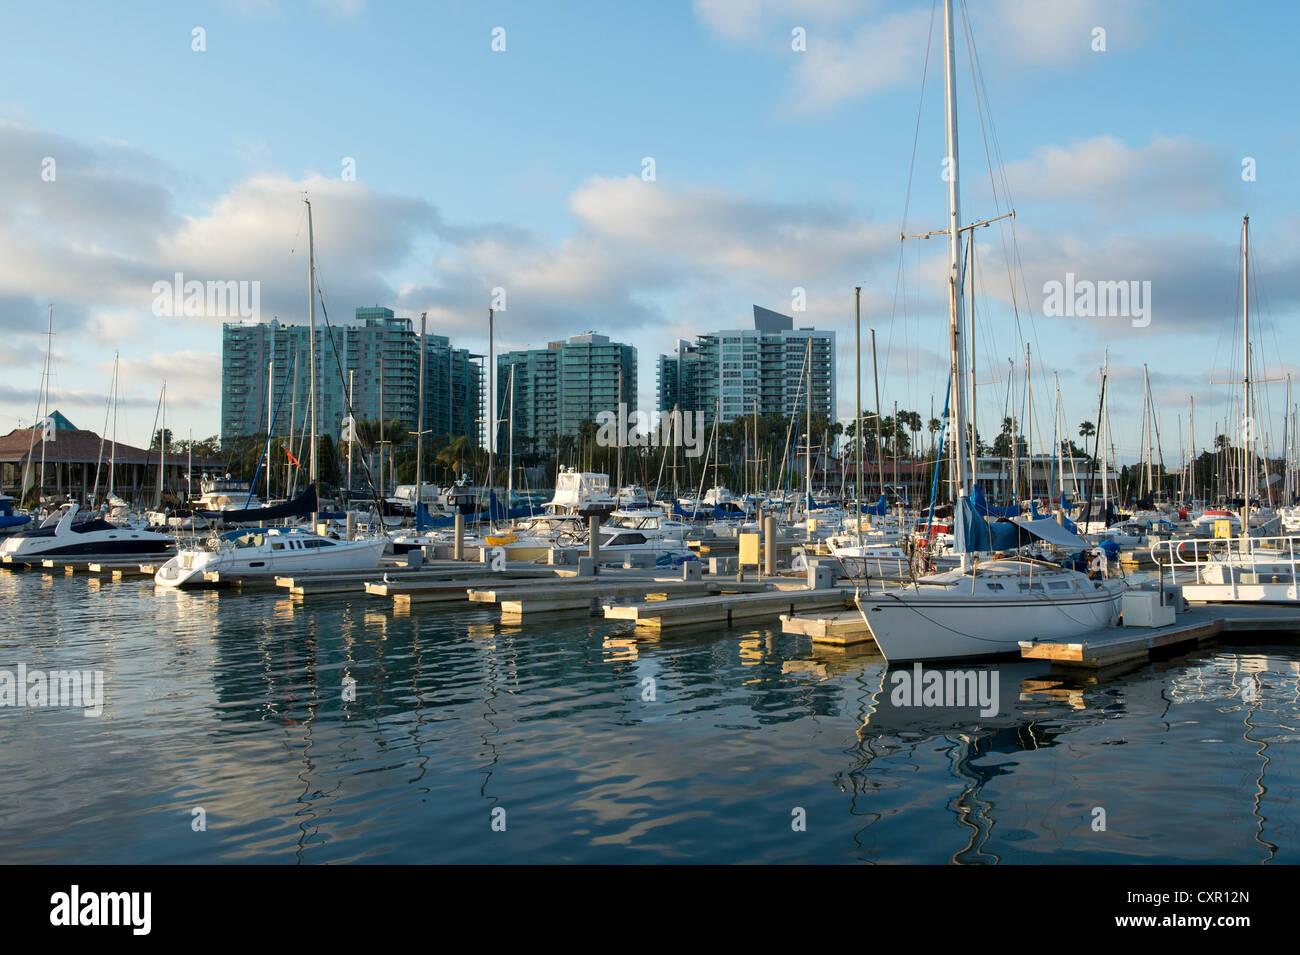 Boats in marina, venice beach, california, usa - Stock Image